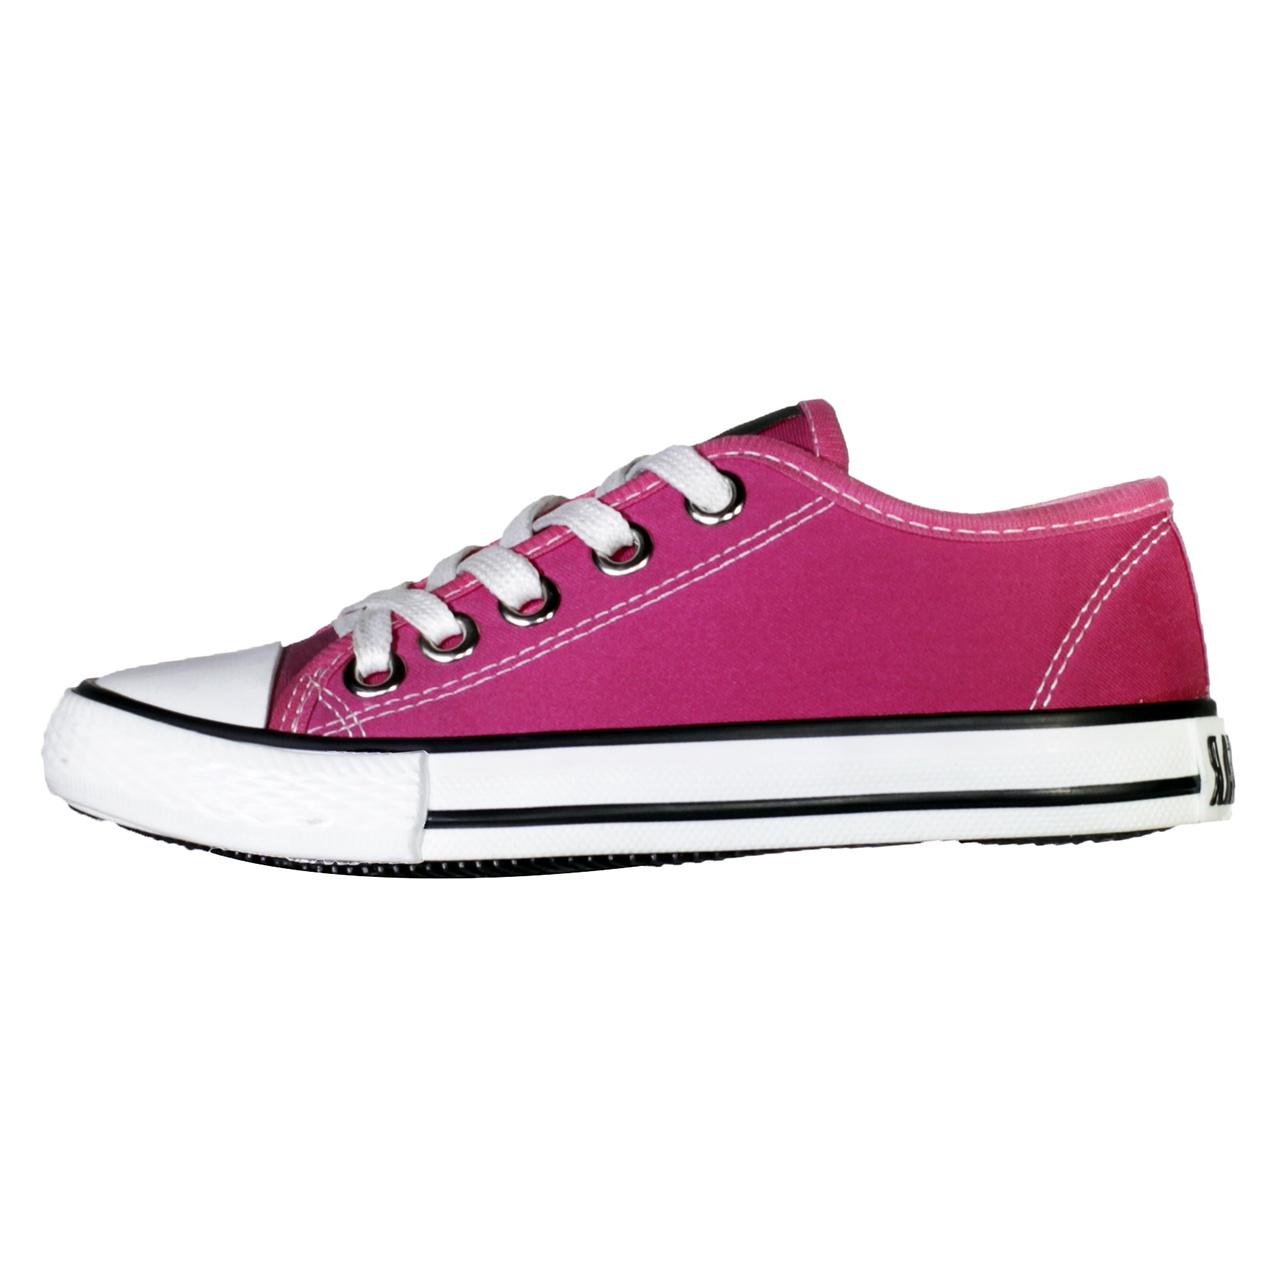 کفش مخصوص پیاده روی زنانه مدل Owen کد 04